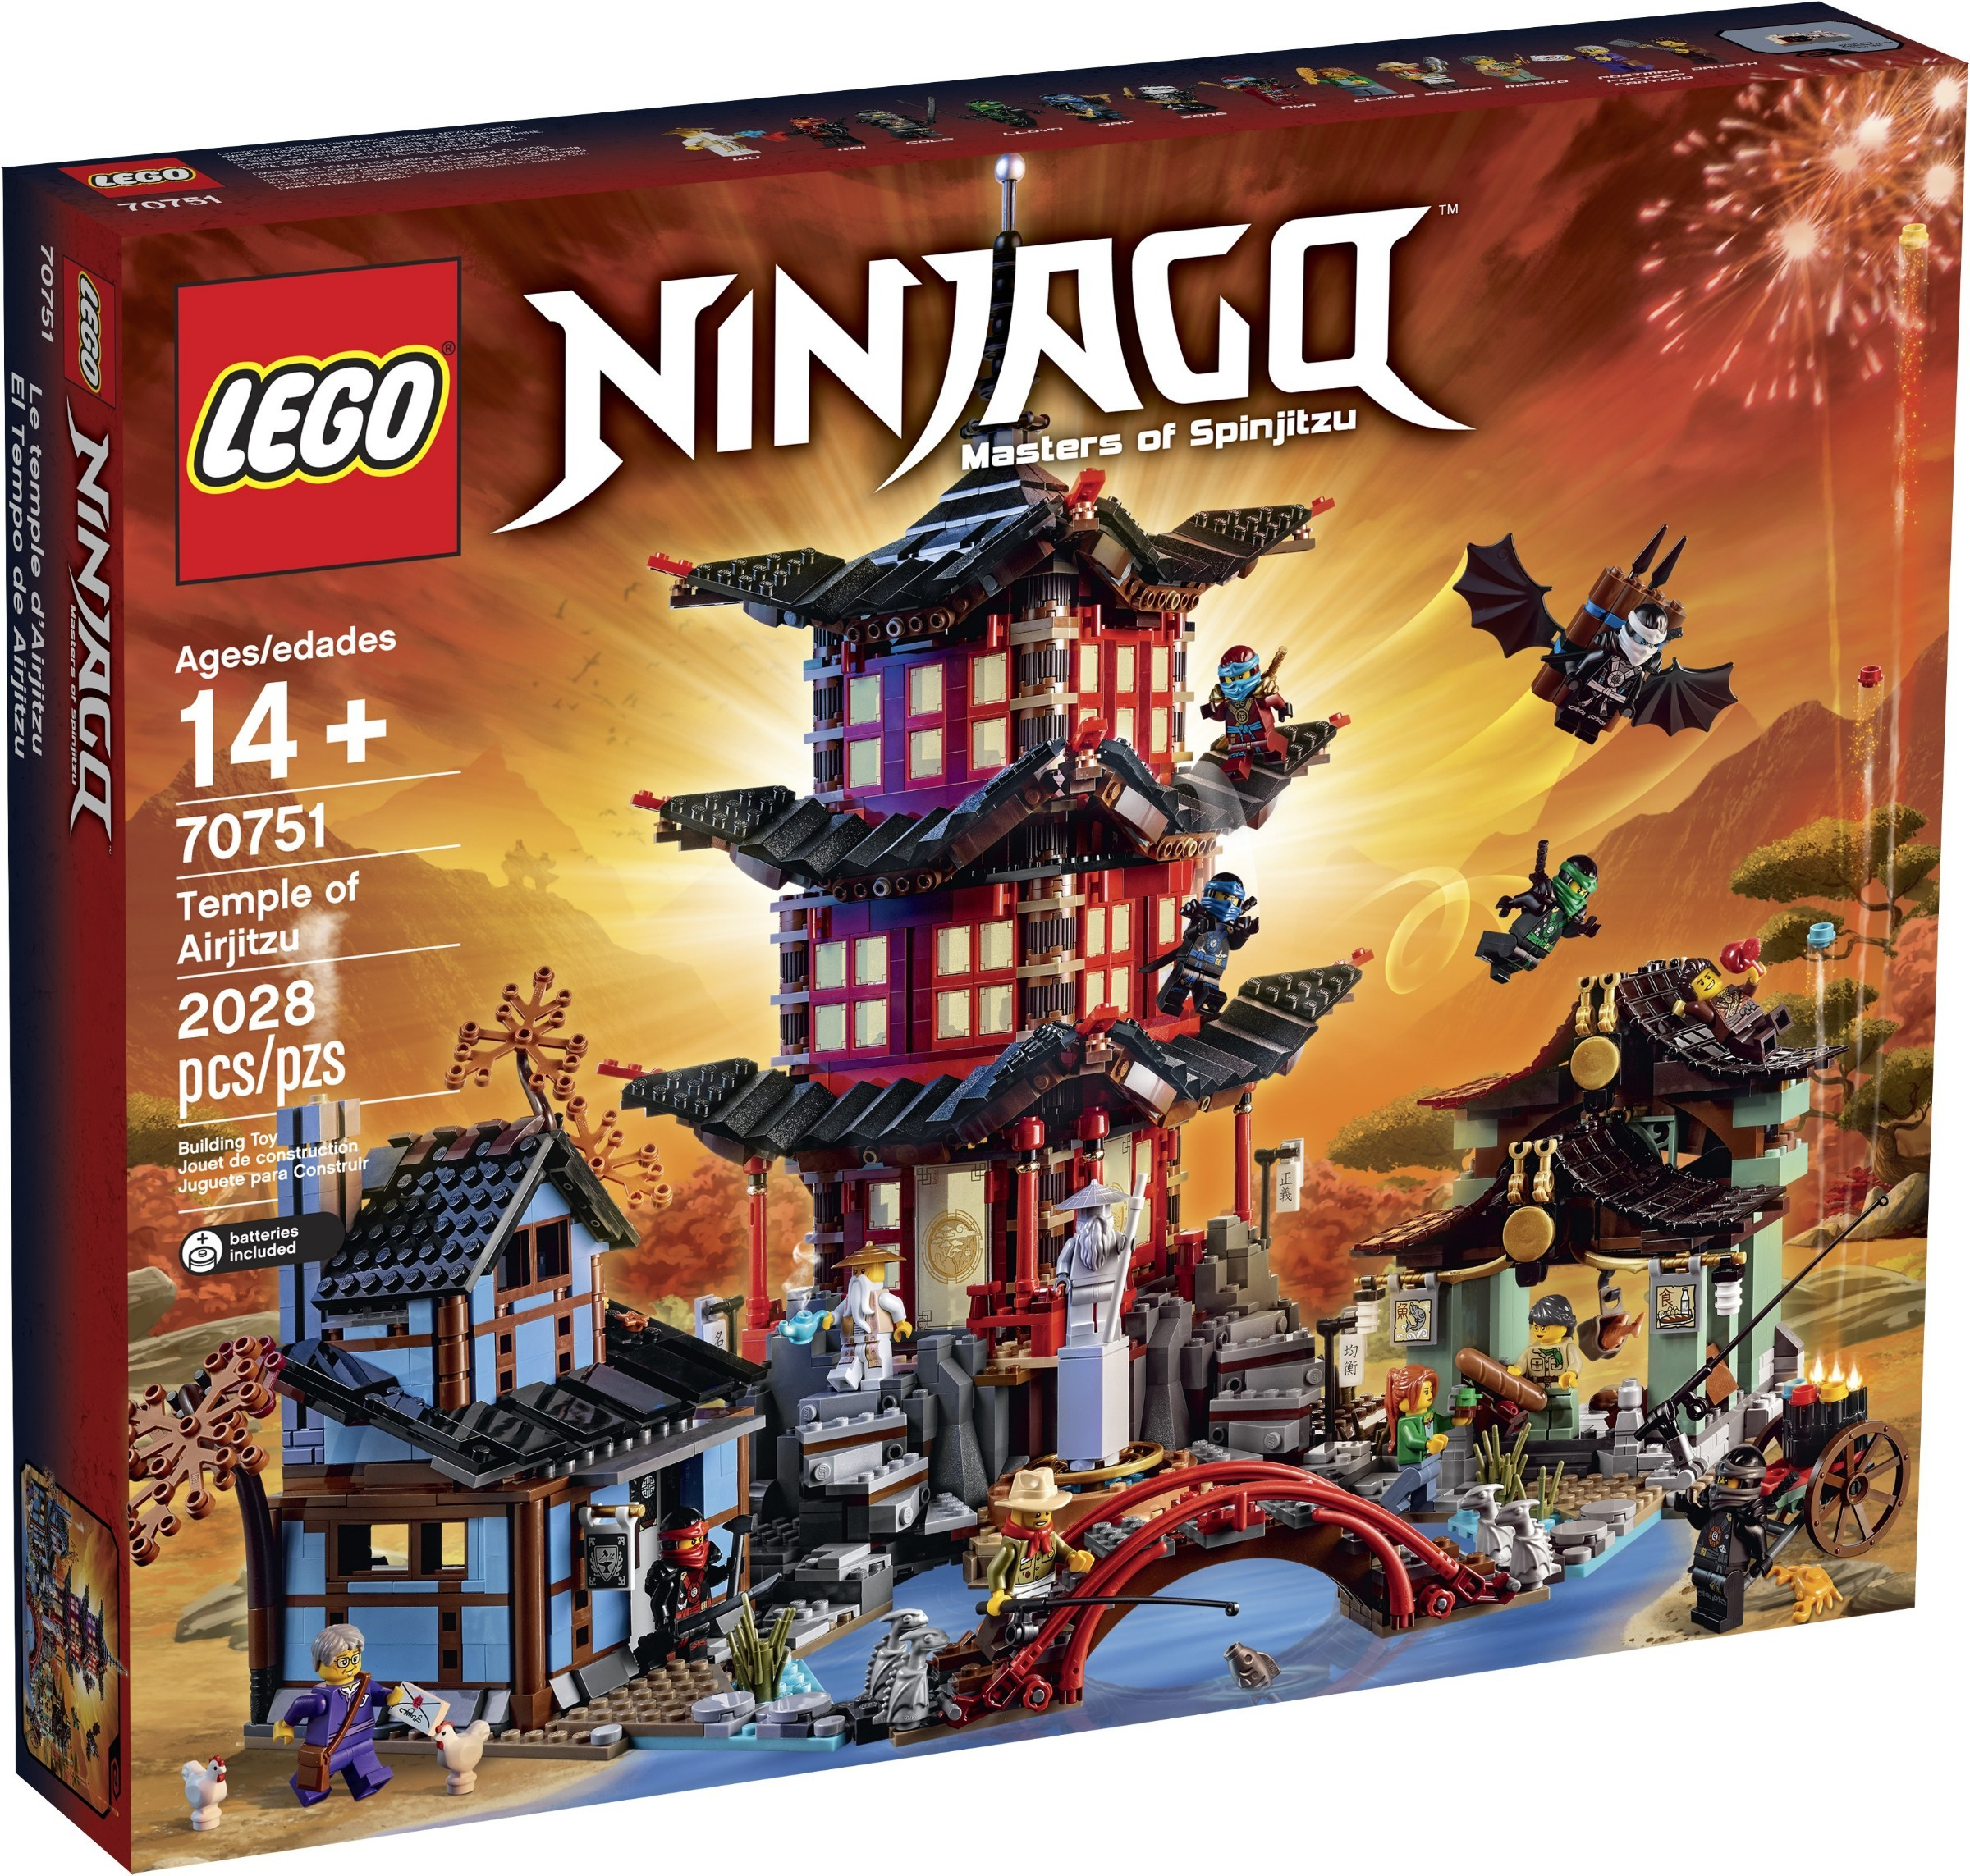 LEGO Ninjago 70751 Temple of Airjitzu